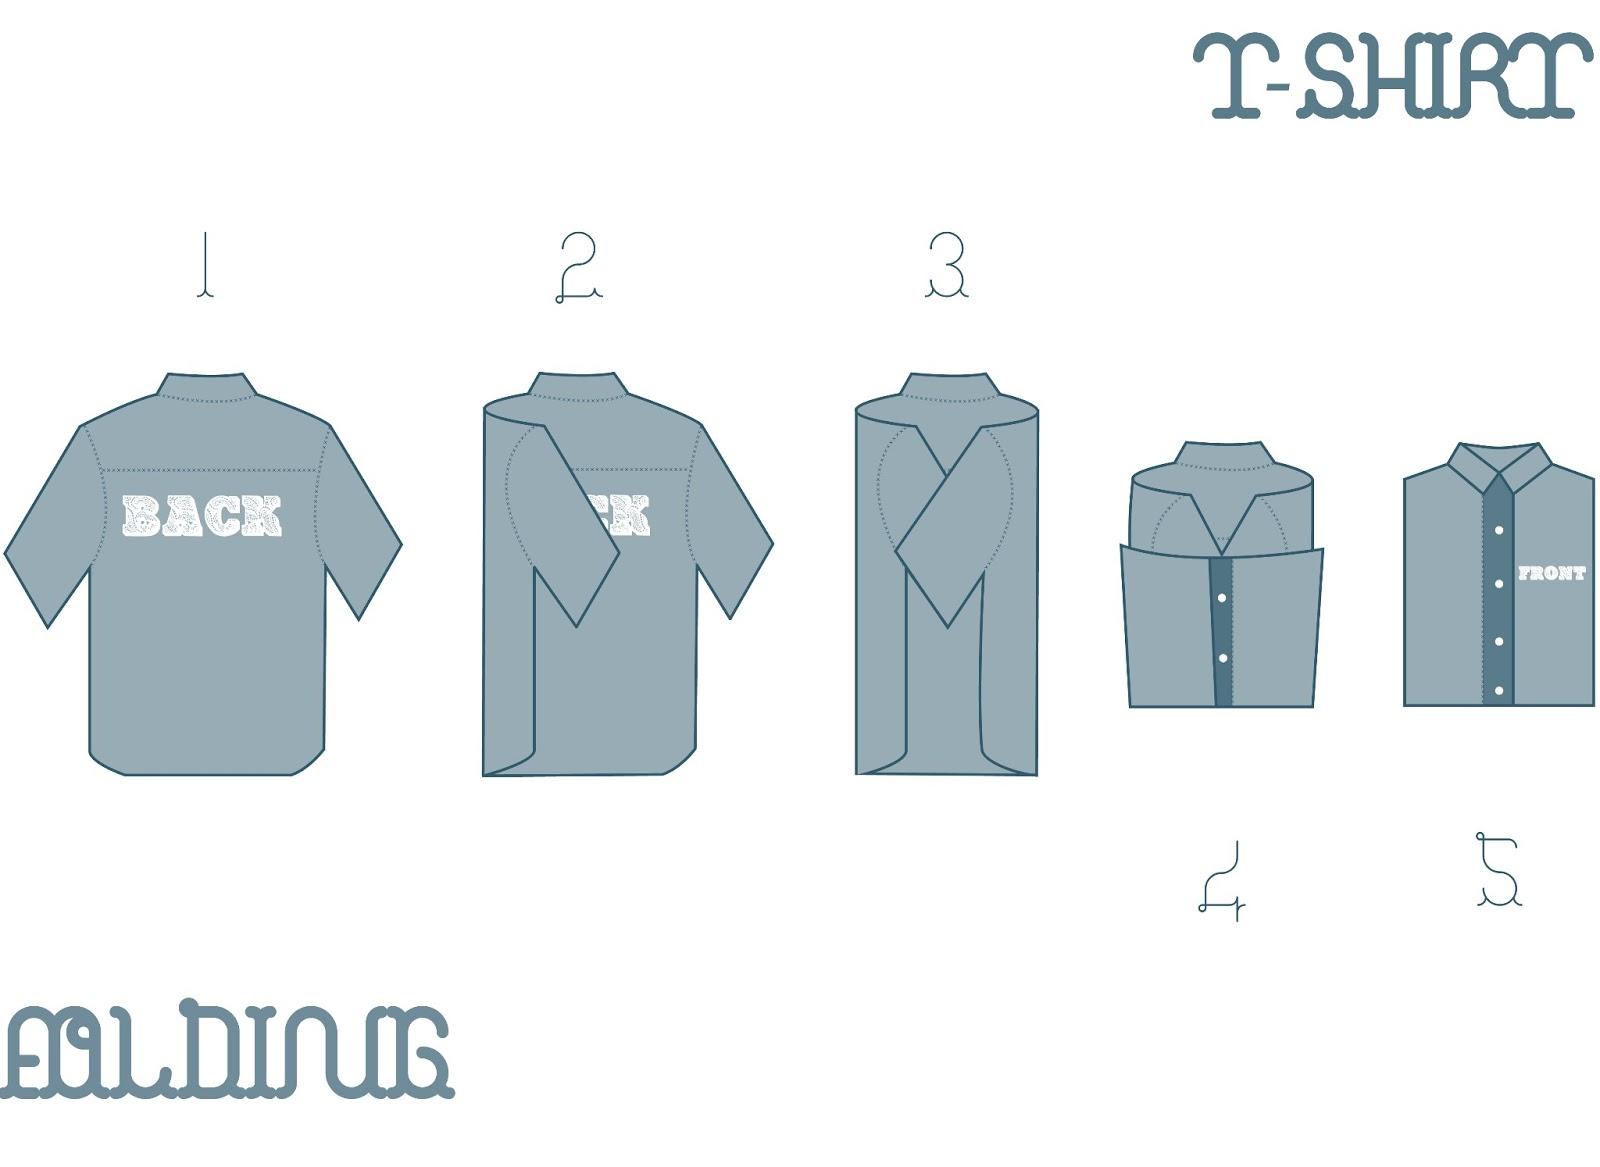 c mo doblar una camisa folding tshirt tshirt folding On como doblar una camisa